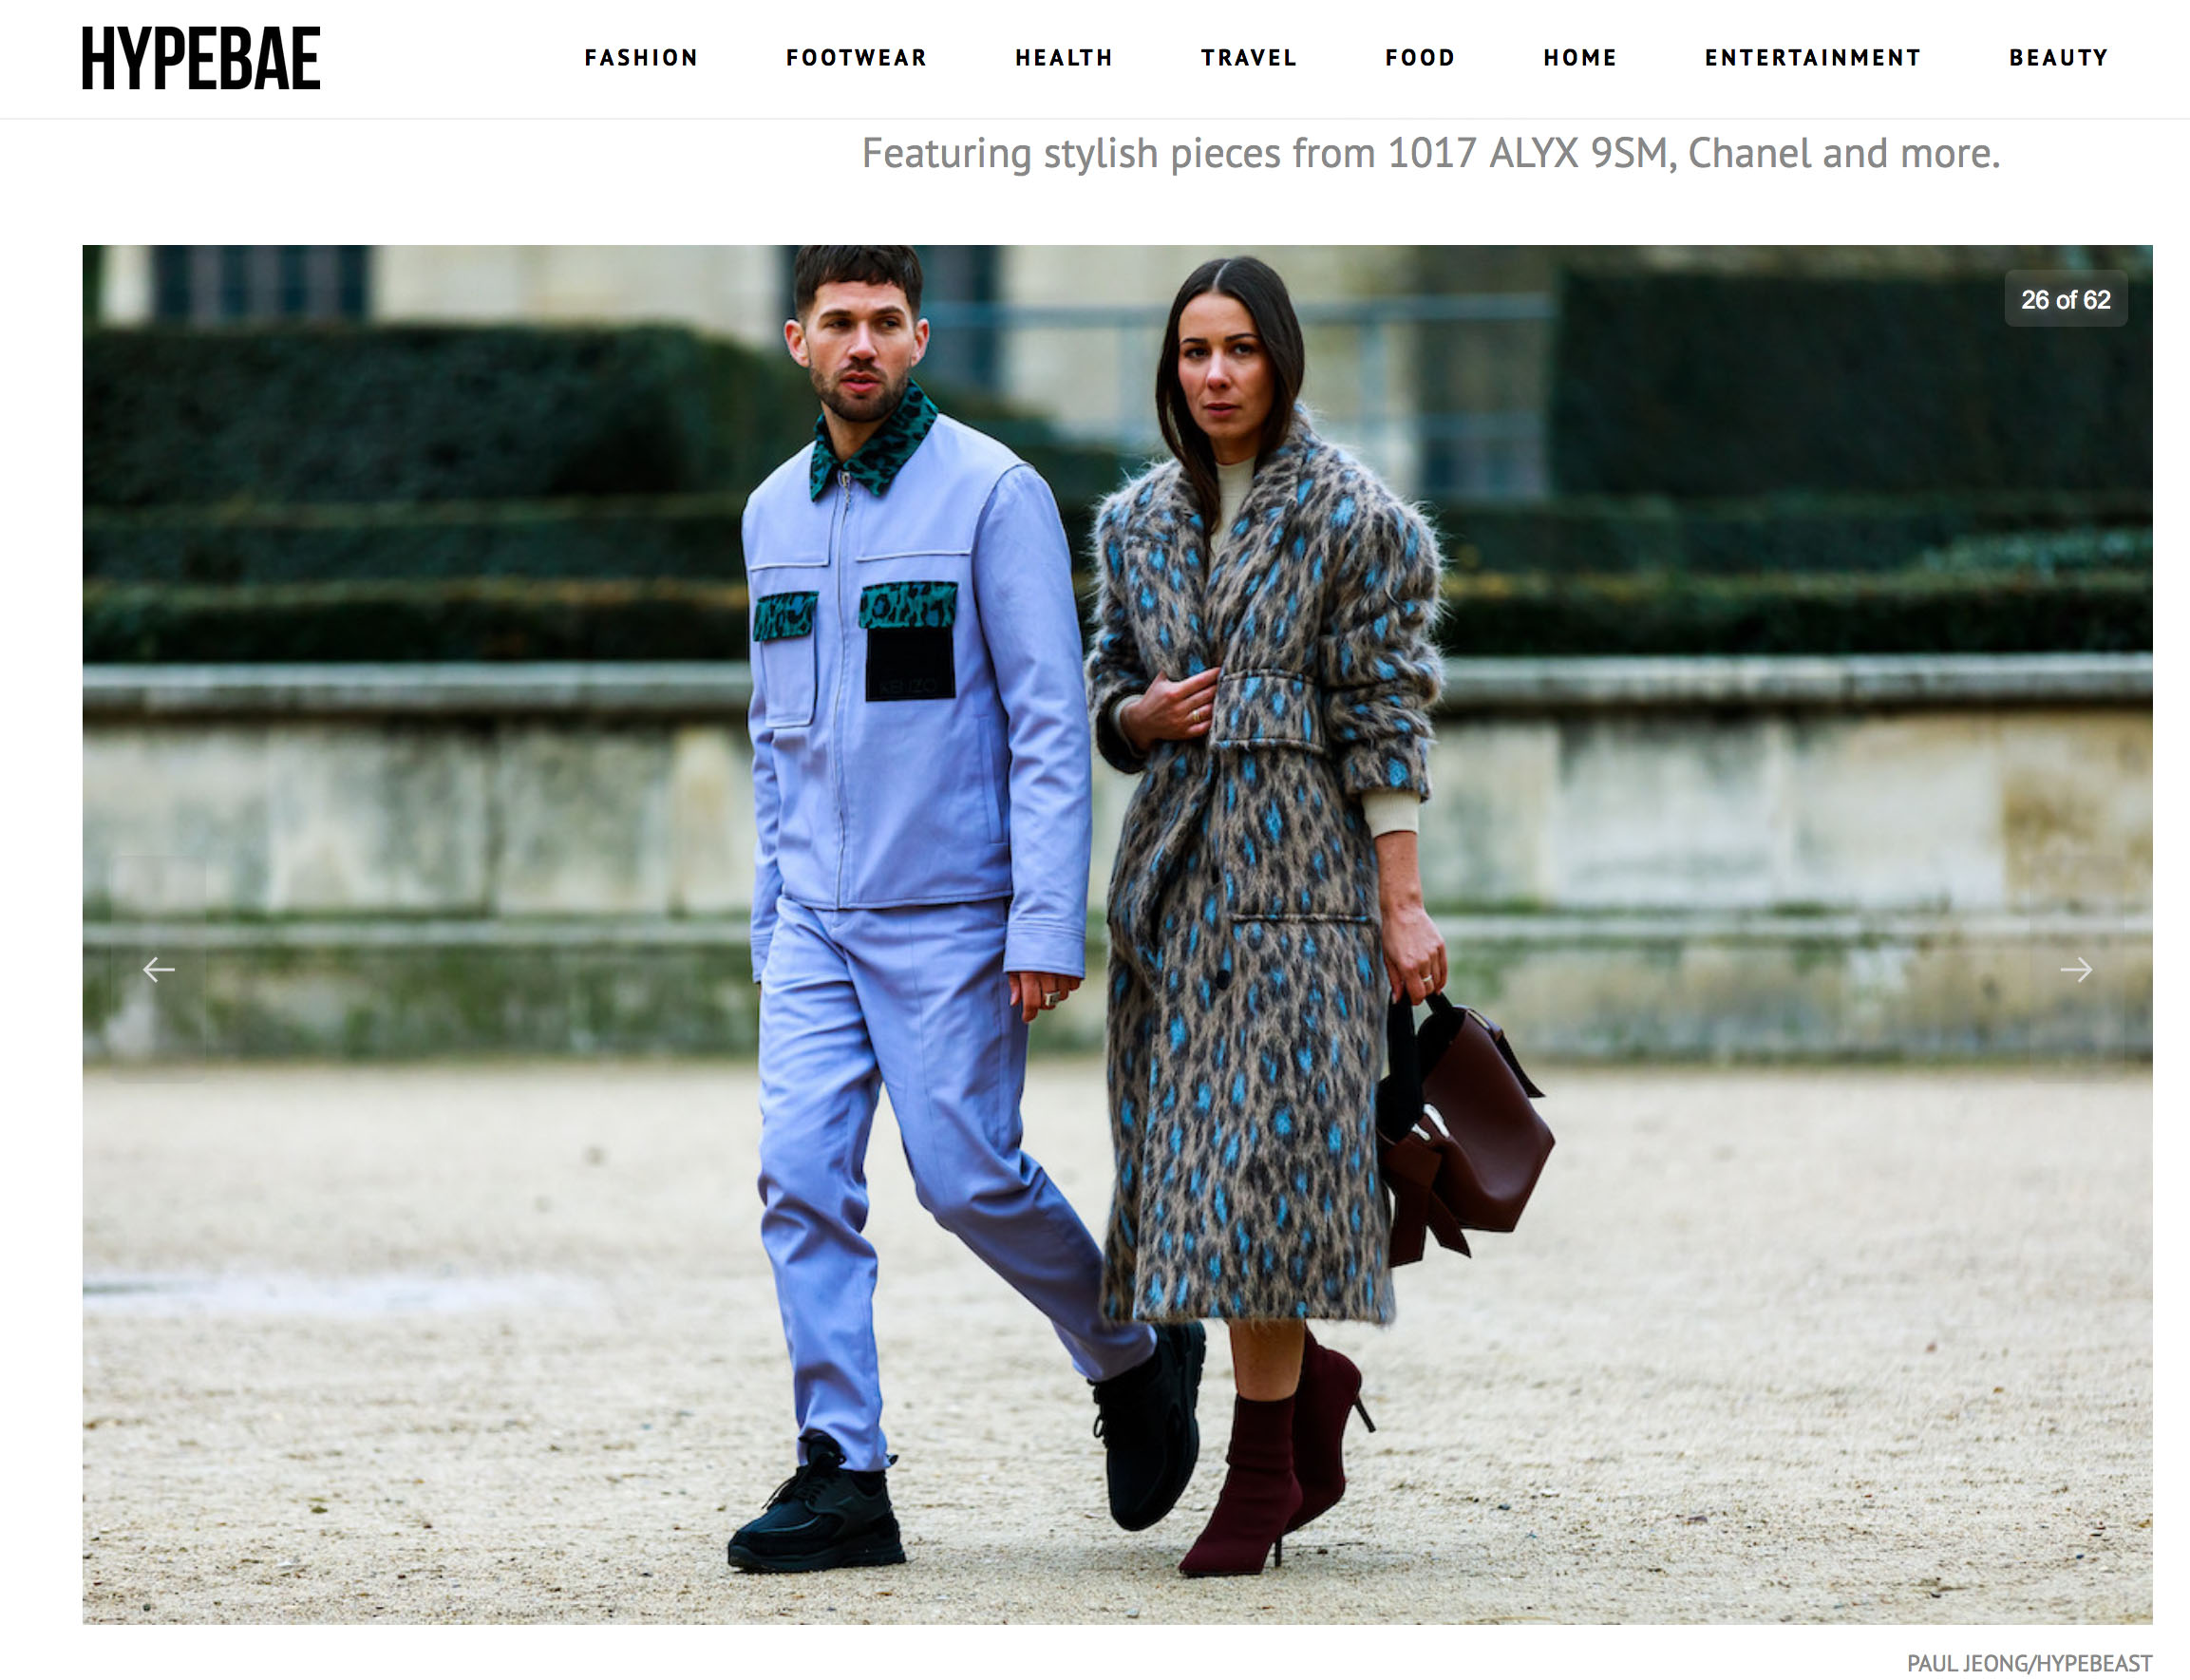 streetstyle couple paris fashion week